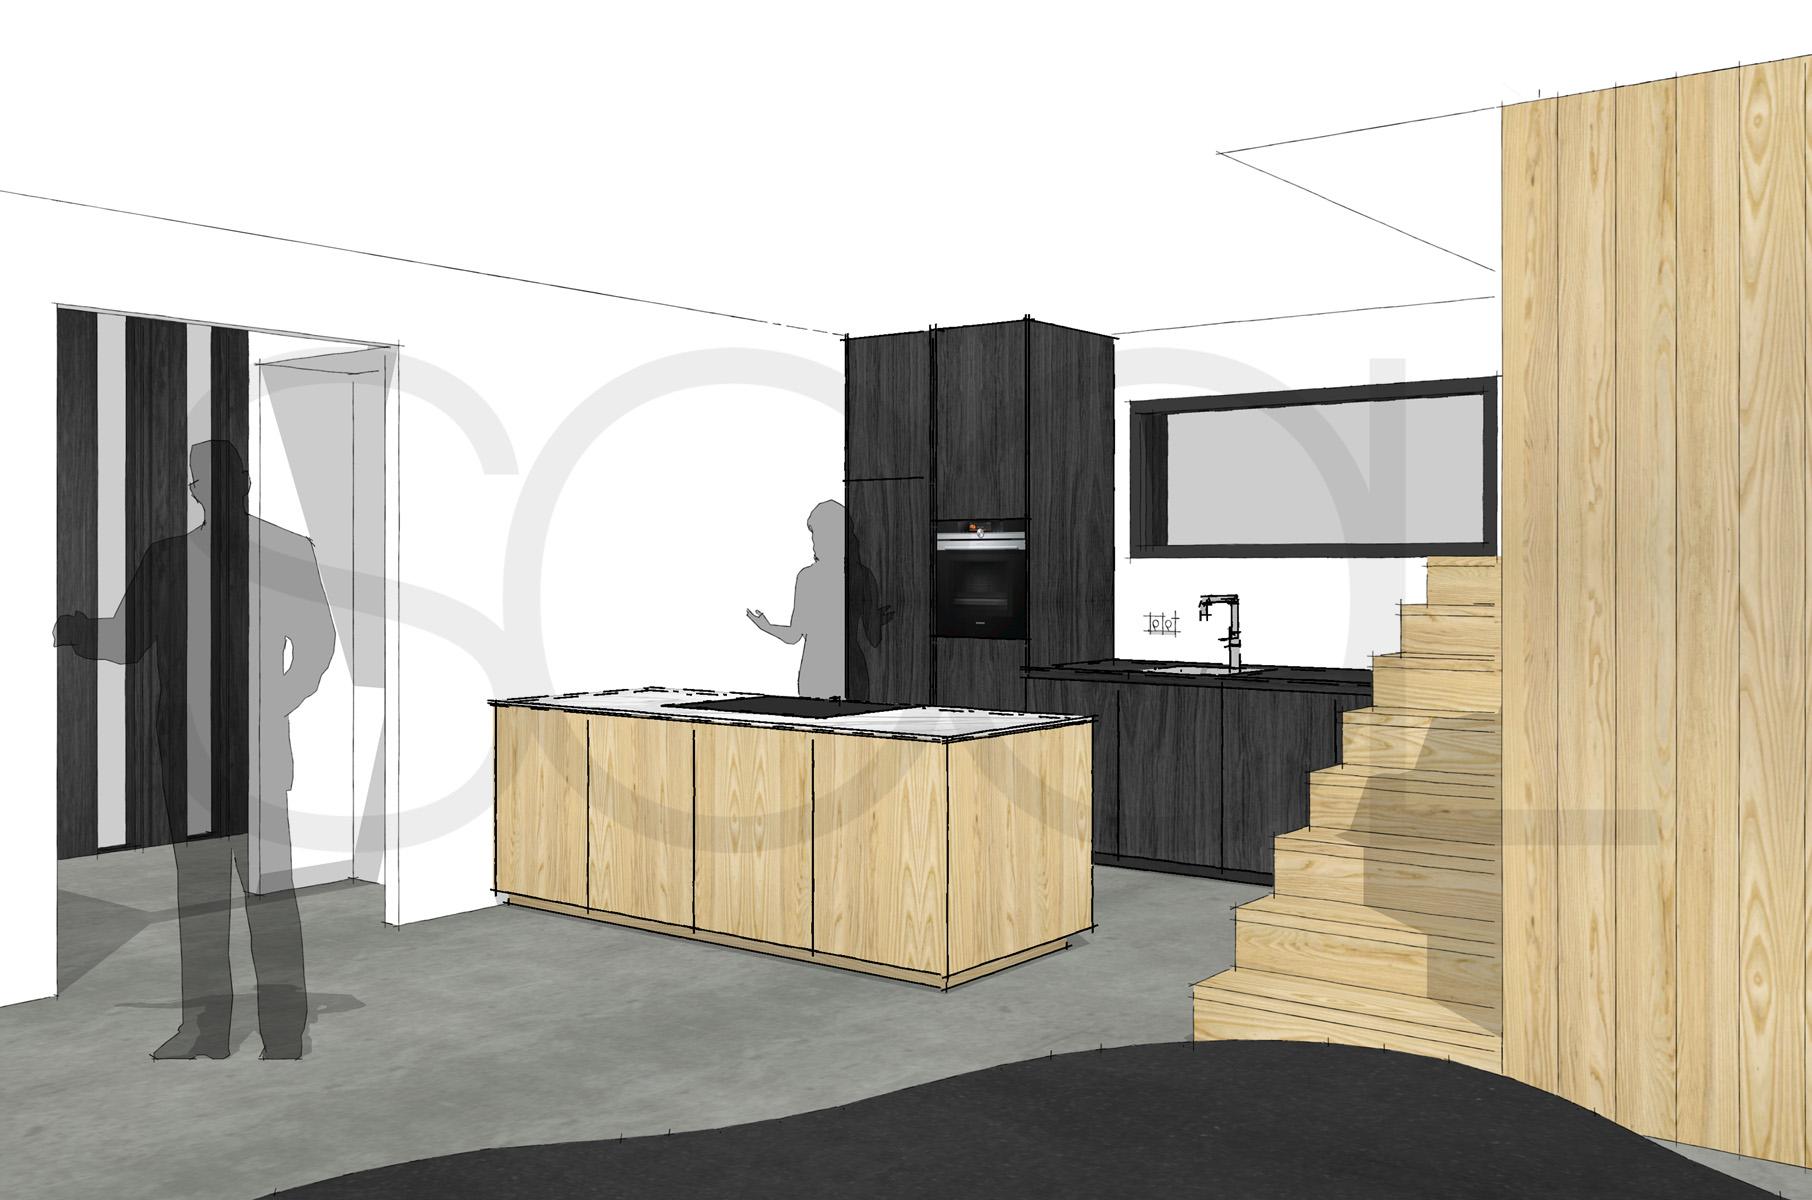 Design Keuken Groningen : Essenhout keuken te peize groningen 01 studio sool